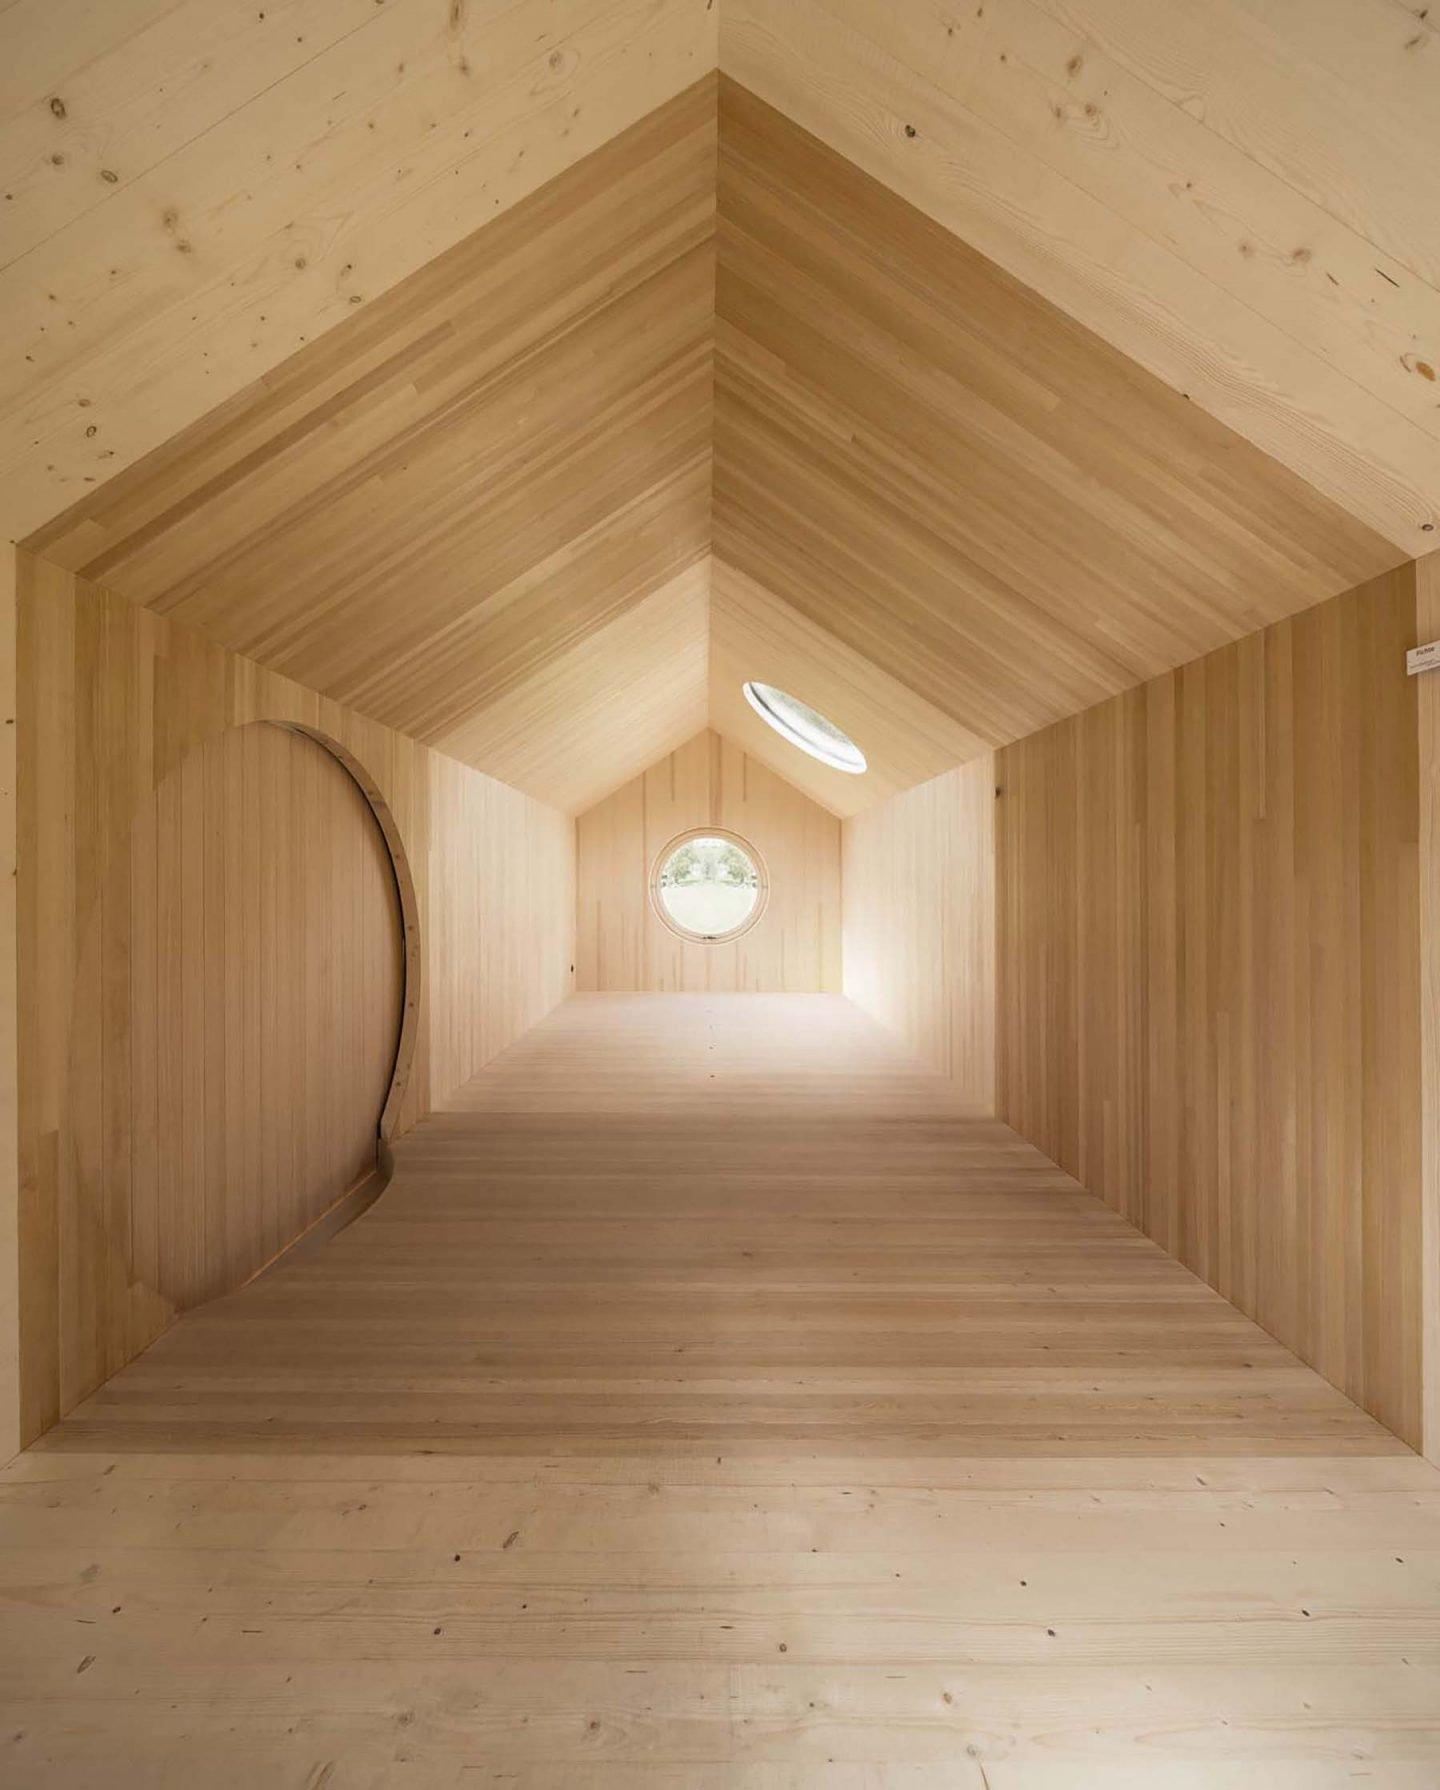 iGNANT-Architecture-Matt-Innauer-Architekten-Kaspar-Greber-001